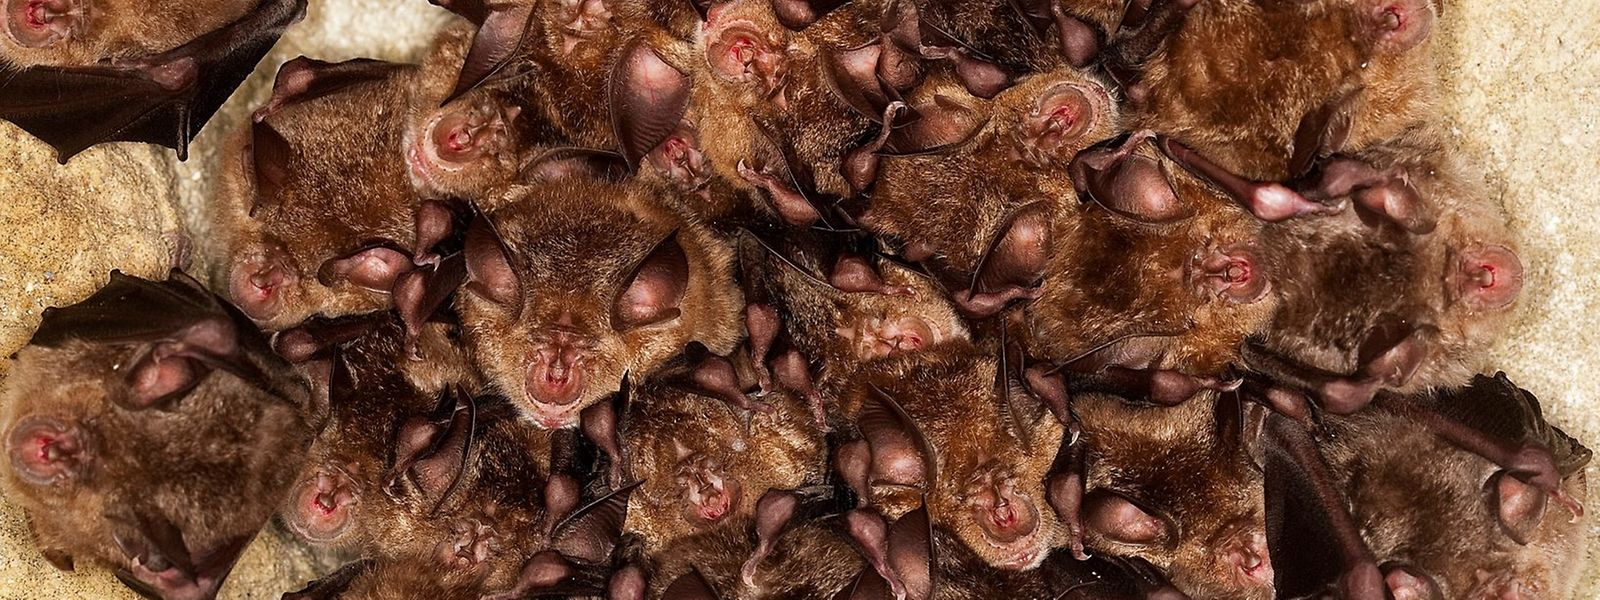 Gruppengefühl: Fledermäuse verbringen ihre Tage kopfüber hängend in Hohlräumen – oft gedrängt in mehreren Etagen übereinander.